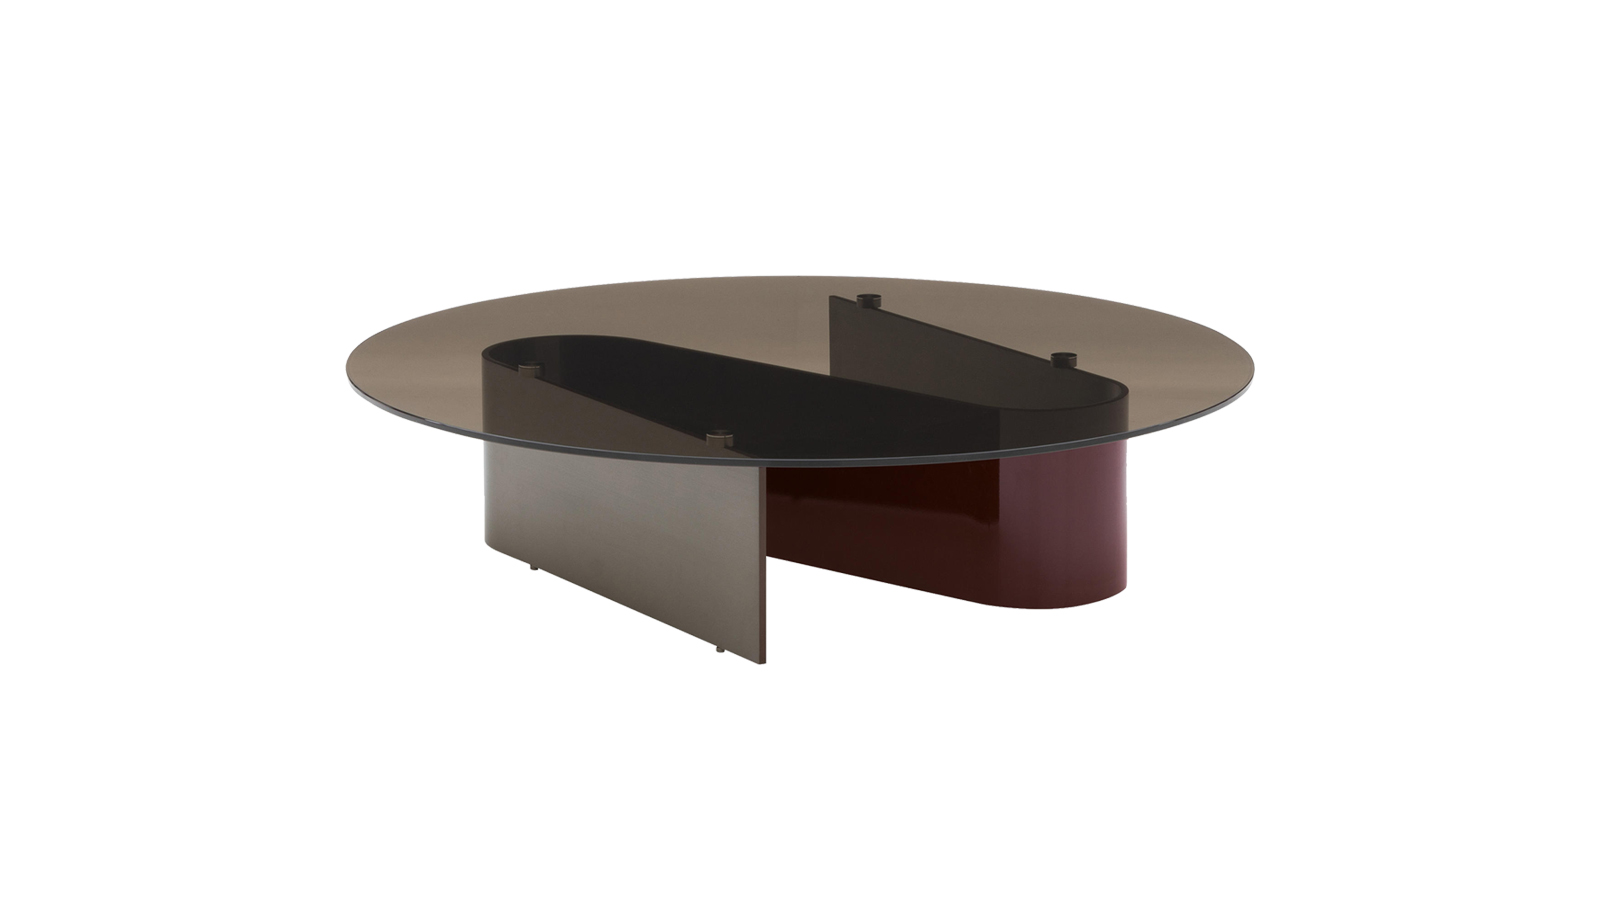 A Bender asztalcsalád a kortárs szobrászat előtt tiszteleg, míg az asztalok fémlábai a megszülető és megszűnő hullámokat ábrázolják. Az anyag szigorúságát az opálos üveglapok oldják fel. Különböző méretük és formájuk által könnyen párbeszédbe elegyednek a nappali bármilyen bútorával.